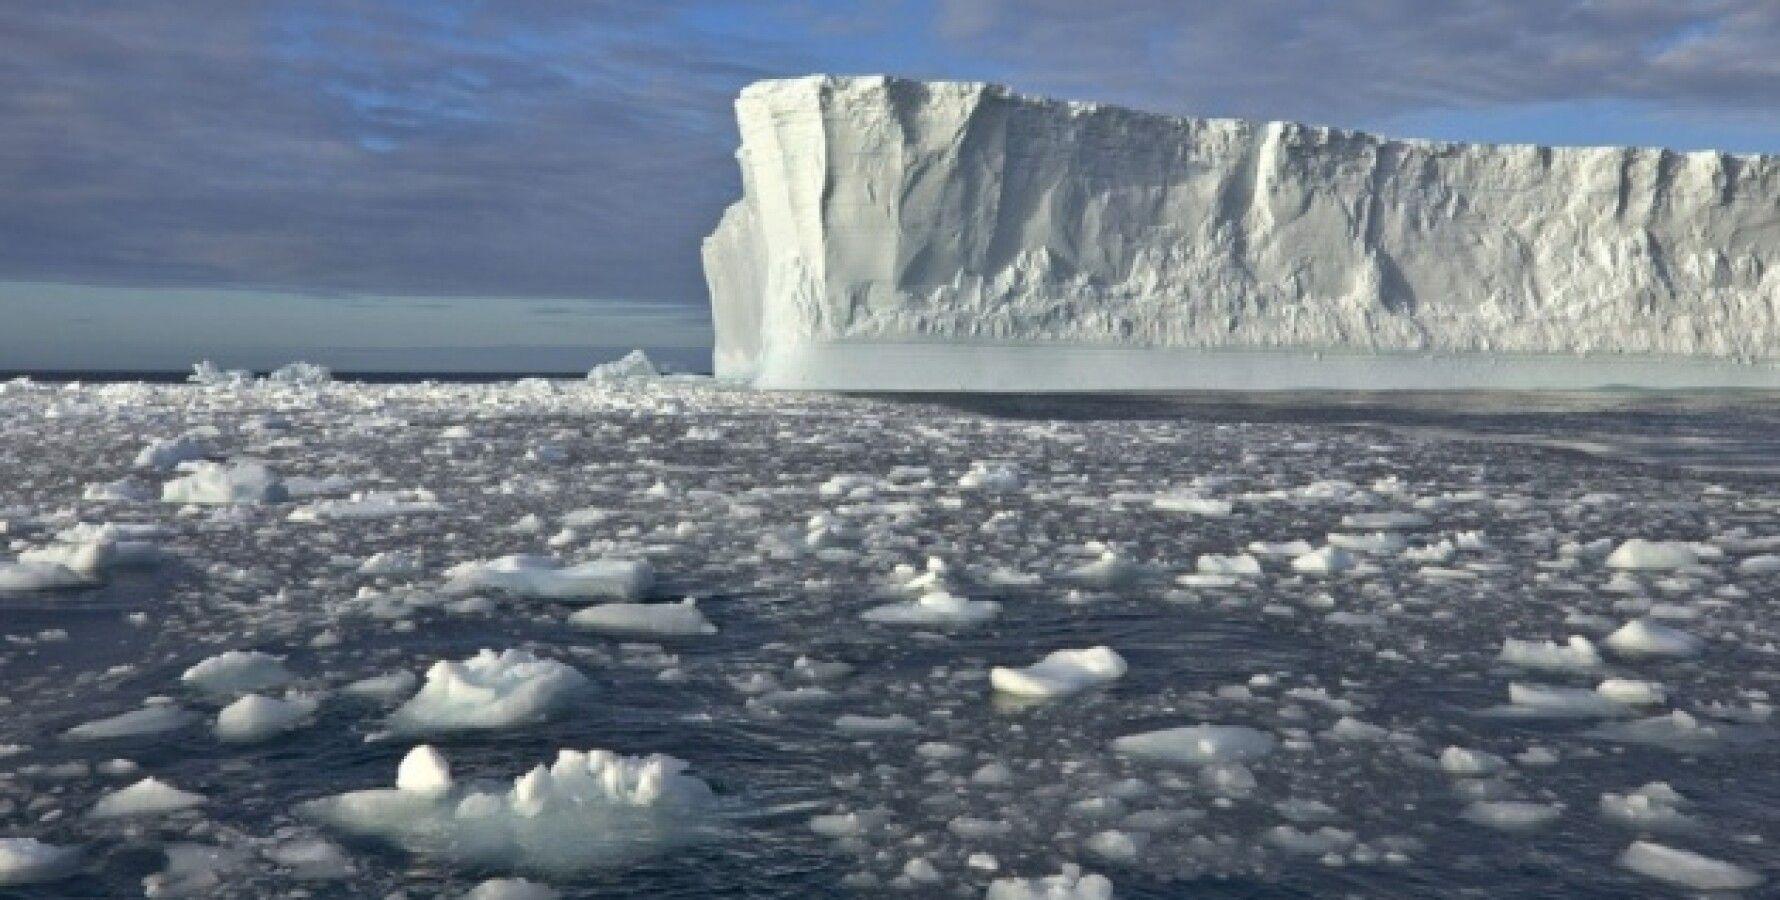 Инопланетяне потерпели фиаско: в Антарктиде раскрыта одна